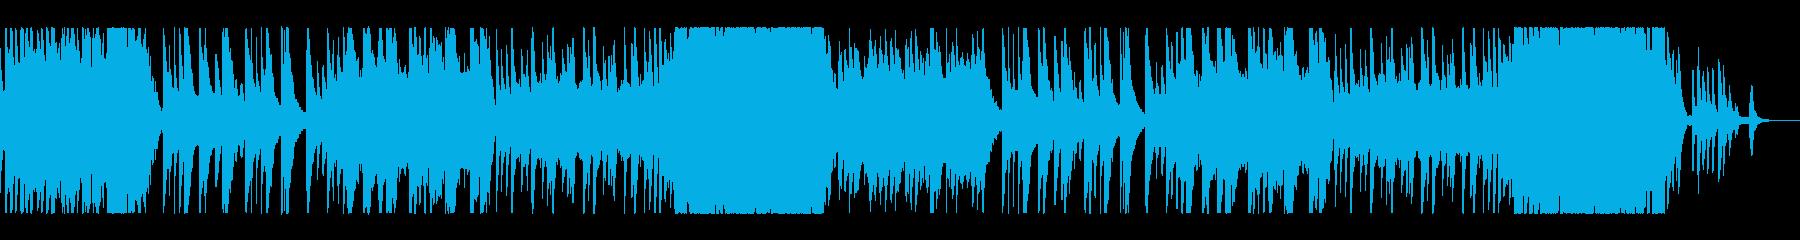 切ない雰囲気のオーケストラバラードの再生済みの波形